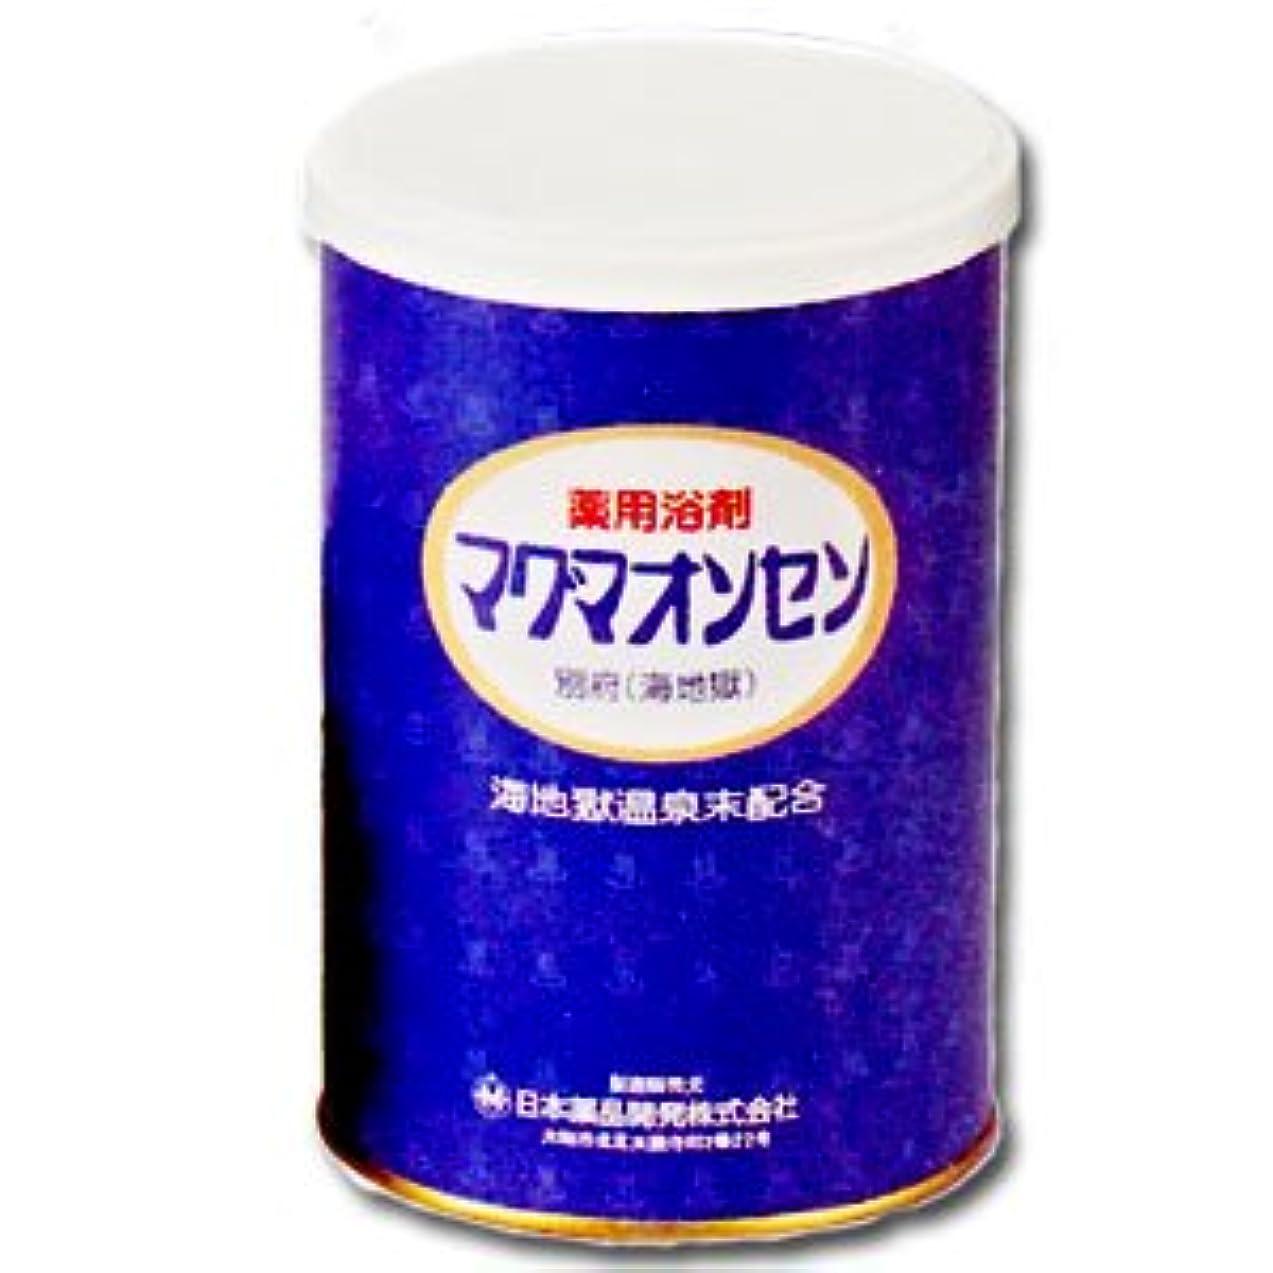 サミット美徳部薬用入浴剤 マグマオンセン(医薬部外品)500g